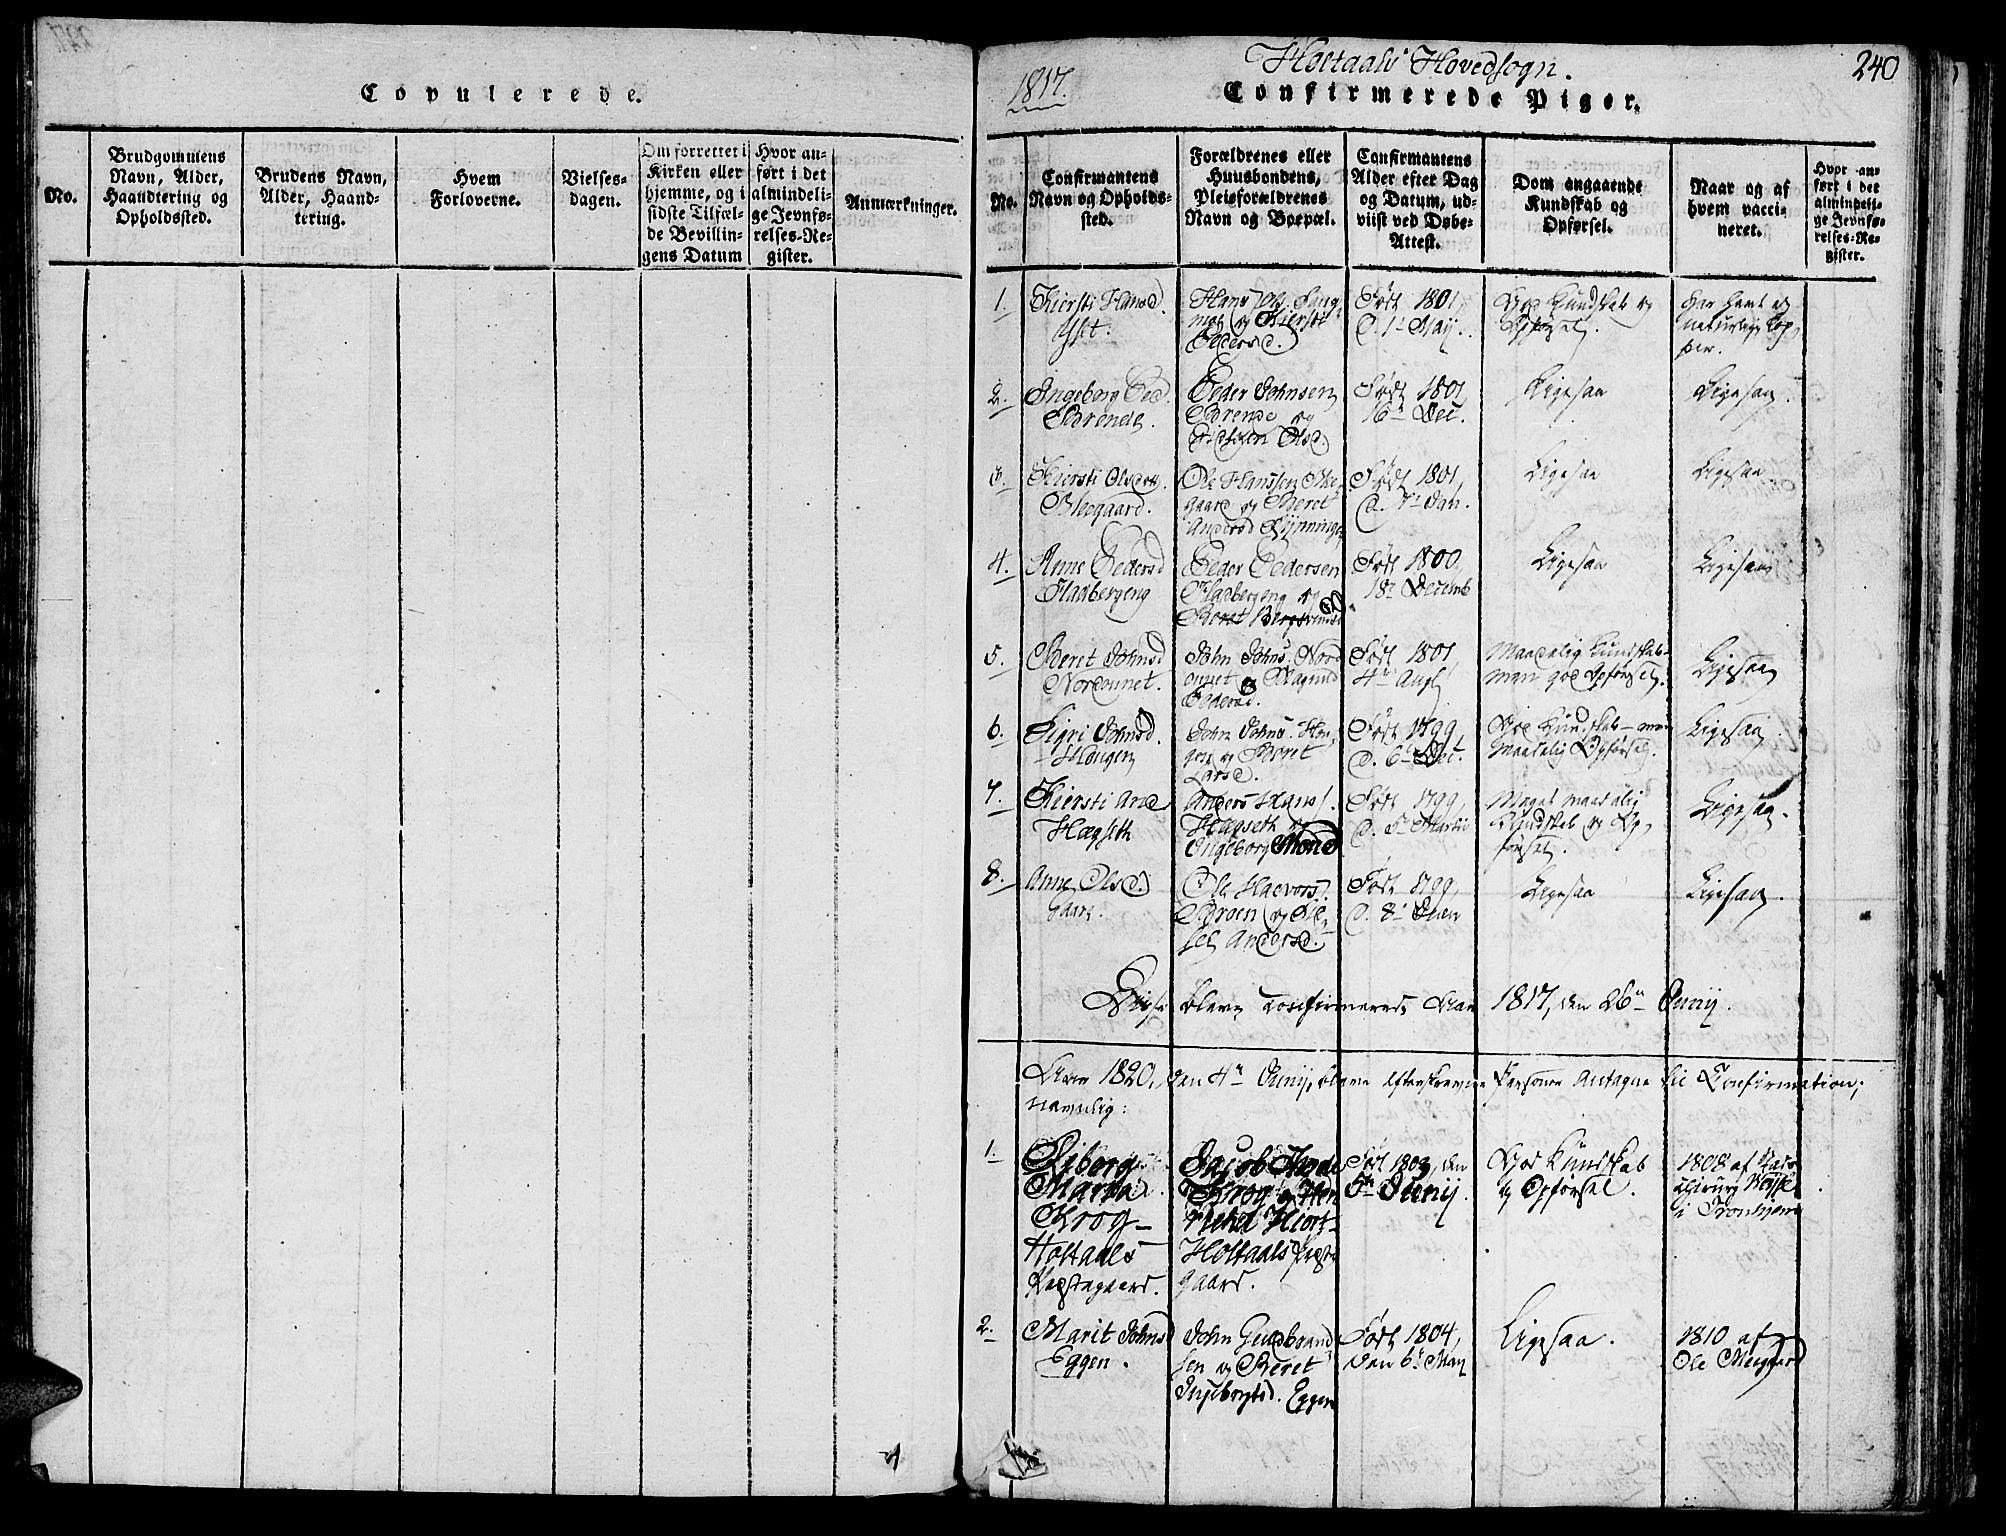 SAT, Ministerialprotokoller, klokkerbøker og fødselsregistre - Sør-Trøndelag, 685/L0954: Ministerialbok nr. 685A03 /1, 1817-1829, s. 240